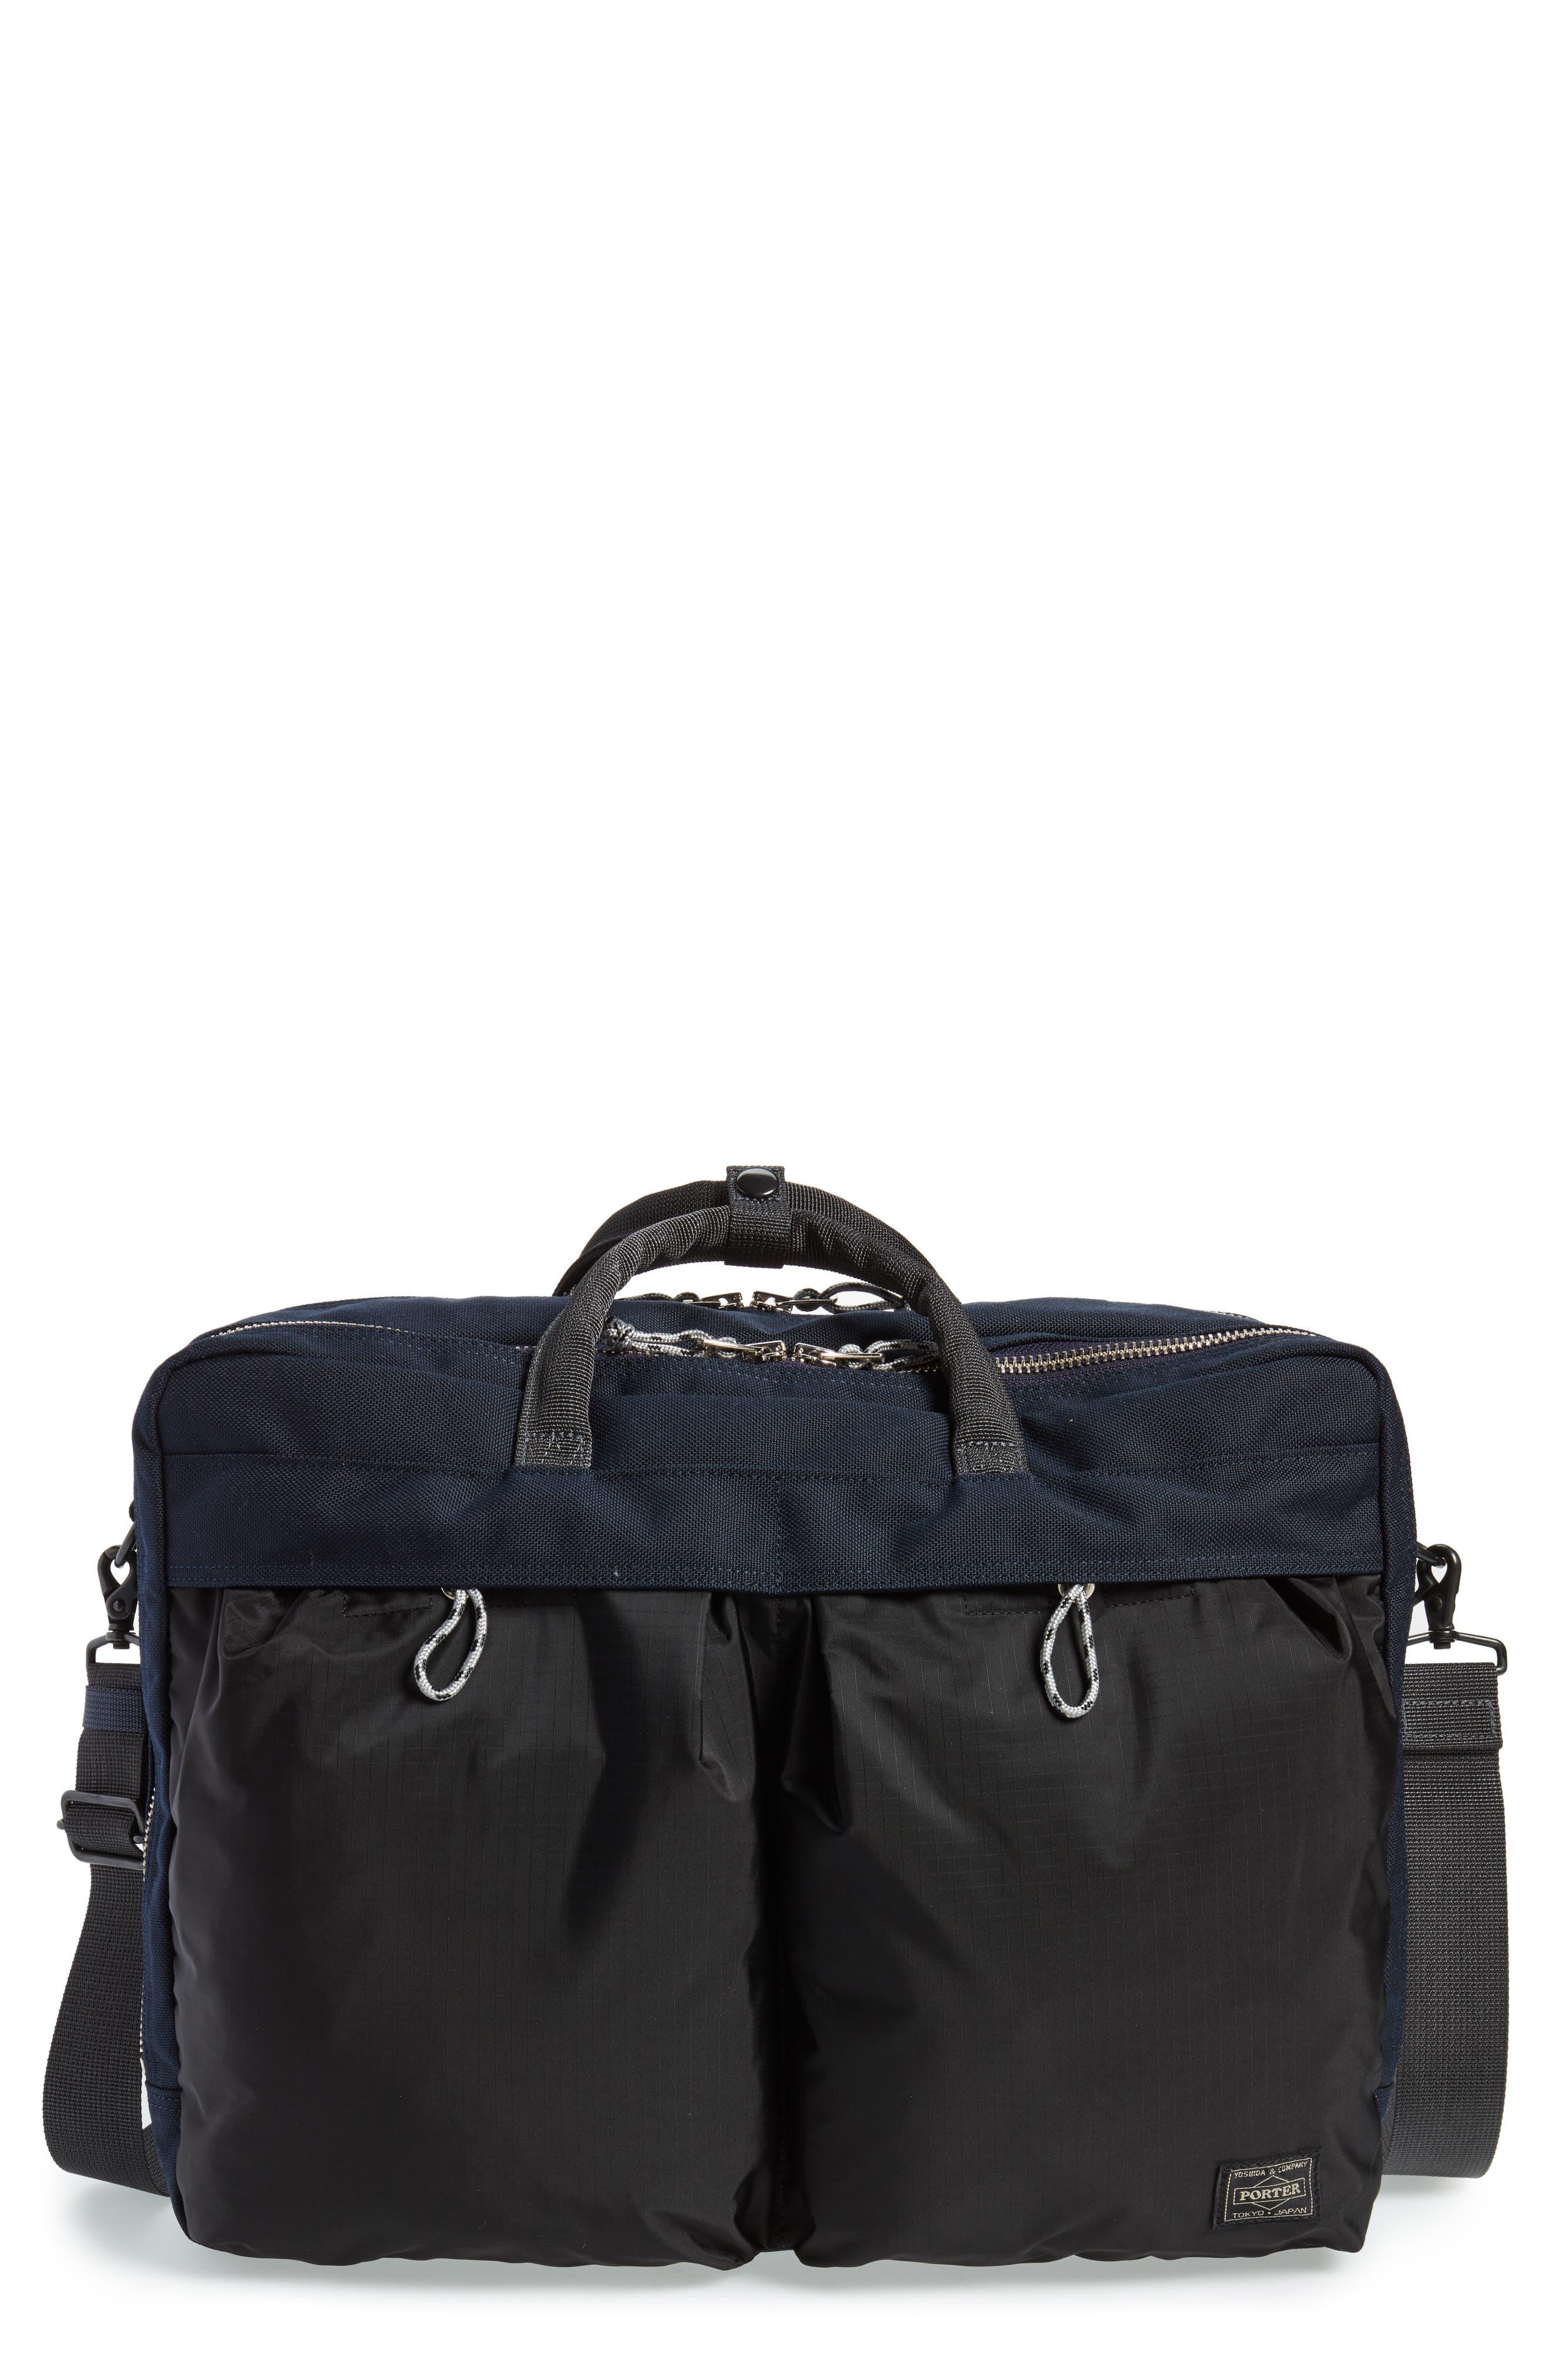 Porter-Yoshida & Co. Hype Convertible Briefcase